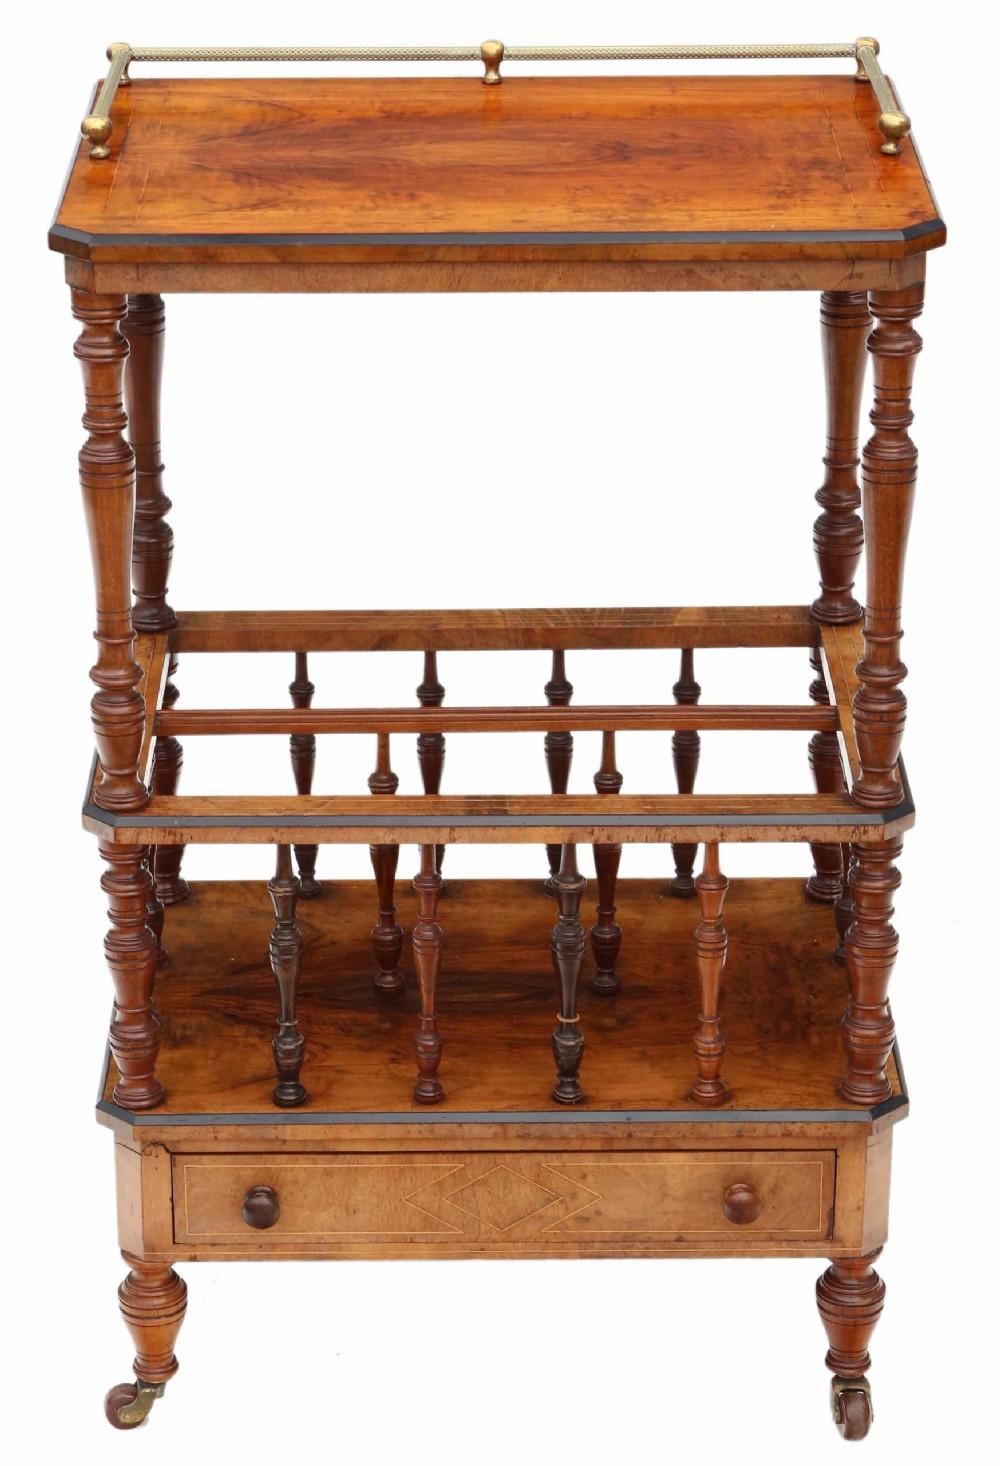 victorian aesthetic c1880 inlaid mahogany canterbury whatnot